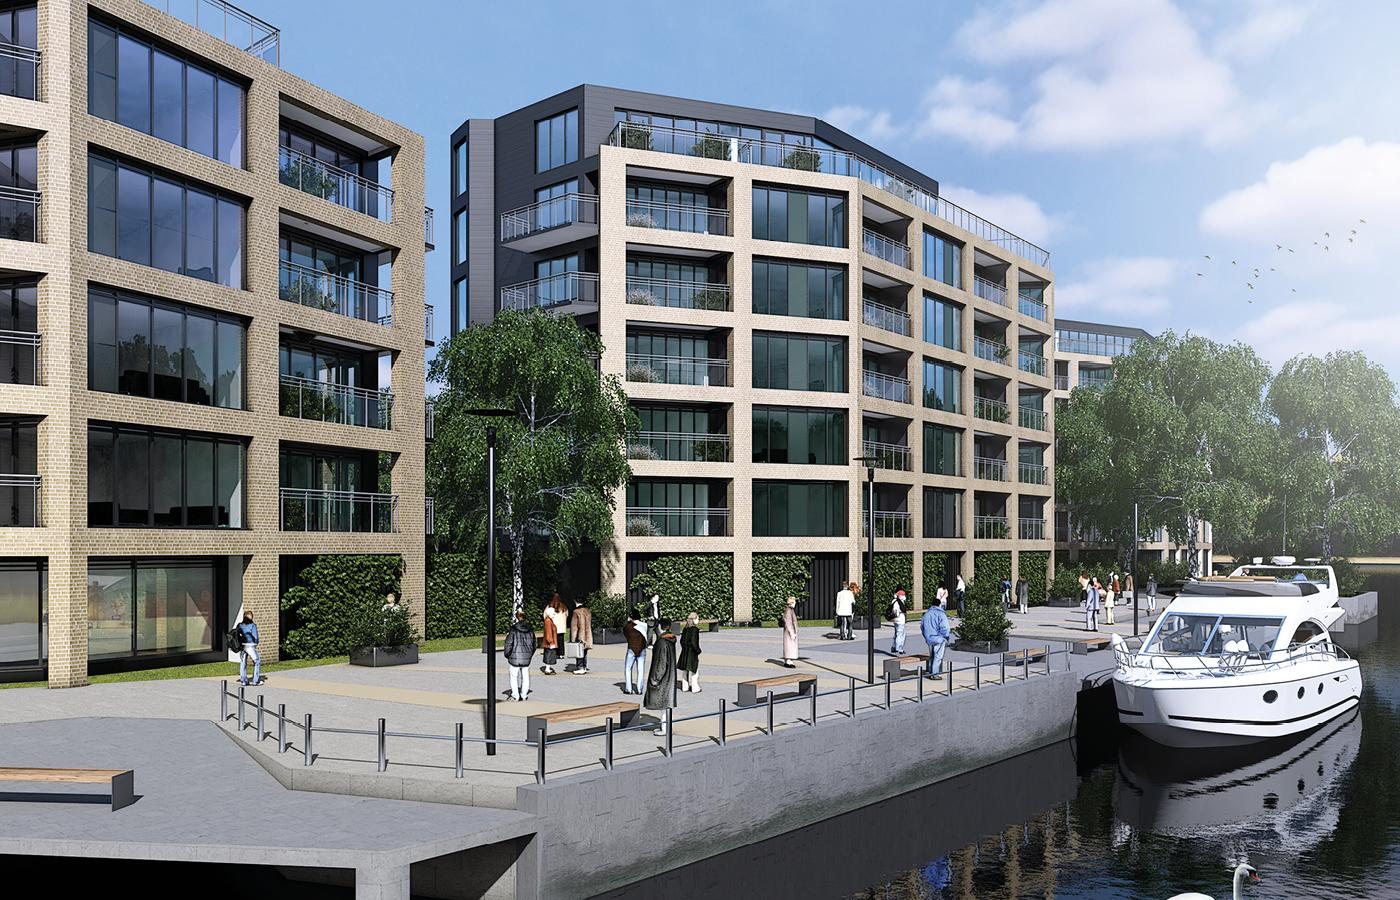 luxury waterside apartments nottingham (cgi image)